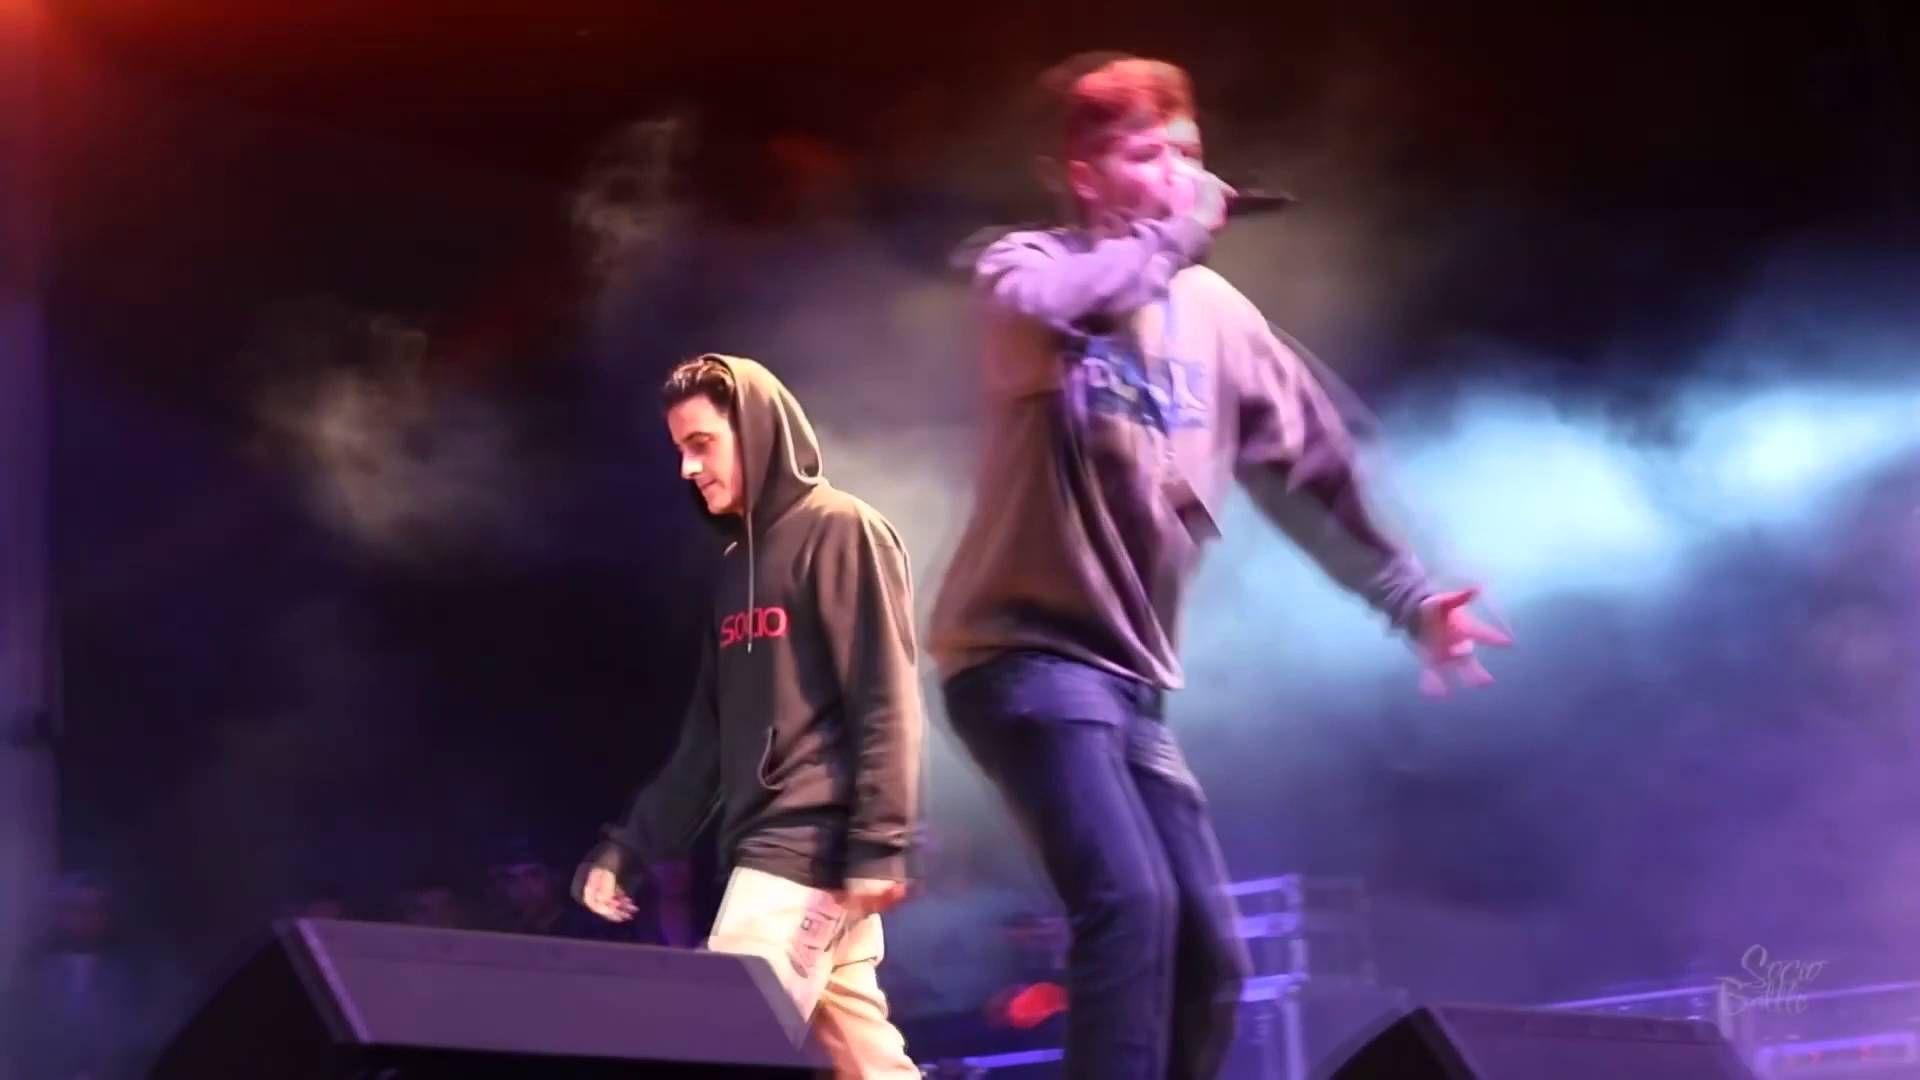 BTA vs Klone (Octavos) – DobleH Festival 2016 -  BTA vs Klone (Octavos) – DobleH Festival 2016 - http://batallasderap.net/bta-vs-klone-octavos-dobleh-festival-2016/  #rap #hiphop #freestyle